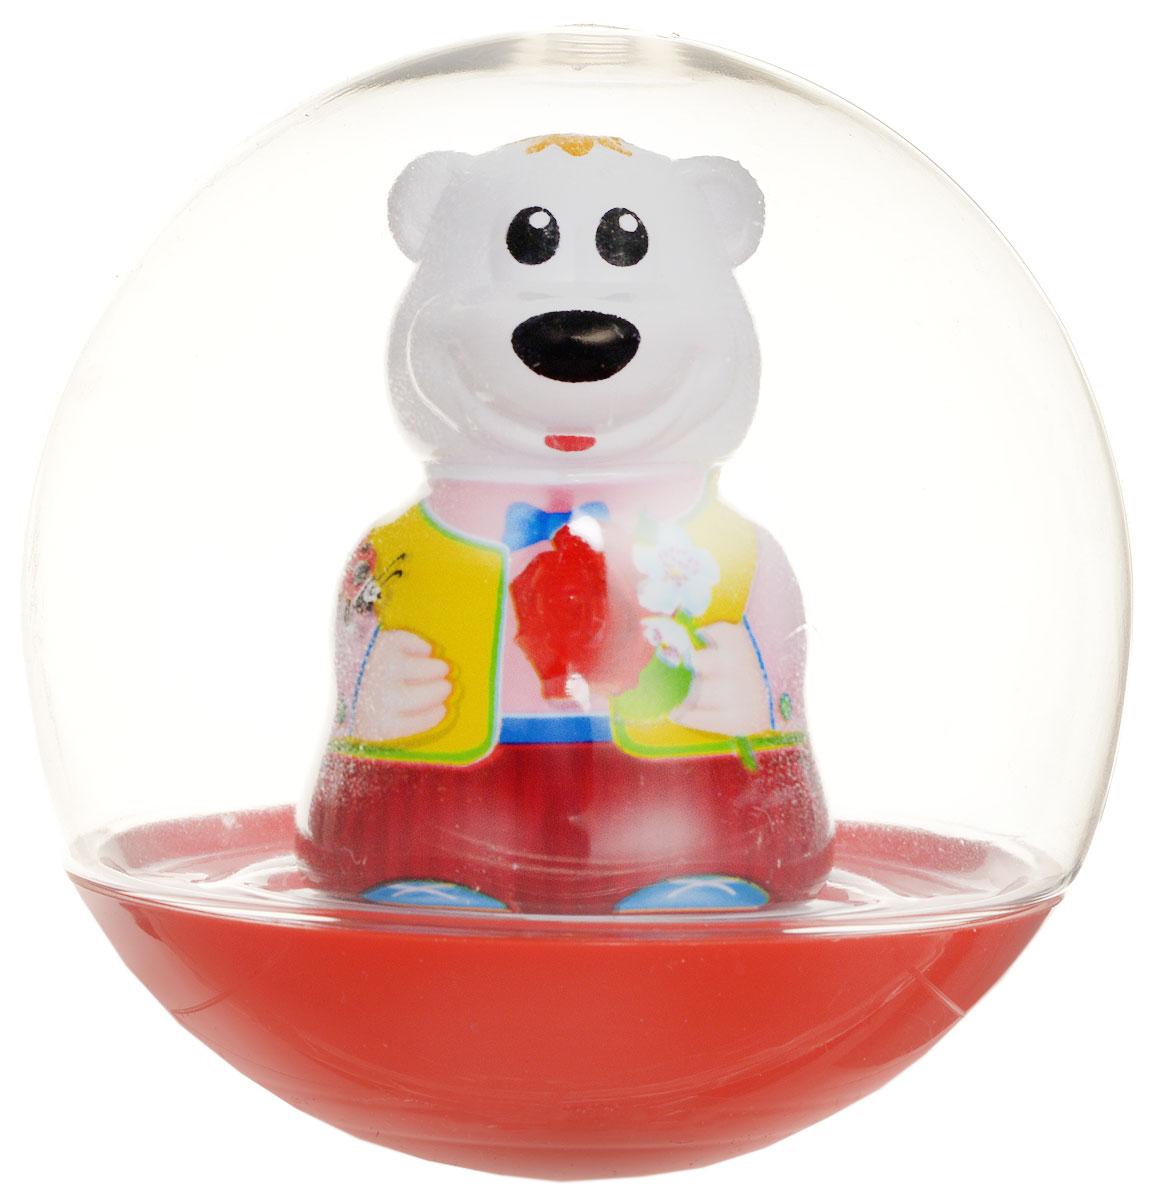 Stellar Погремушка-неваляшка Мишка с розой цвет красный желтый1578_красный, желтыйПогремушка-неваляшка Stellar Мишка с розой не позволит скучать вашему малышу на улице, дома и во время водных процедур. Игрушка выполнена из безопасного материала в виде симпатичного медвежонка с розой в прозрачном шаре. Неваляшка забавно покачивается под приятный звук погремушки, развлекая малыша. Игры с погремушкой-неваляшкой способствуют развитию мелкой моторики, координации, слуха и цветового восприятия.